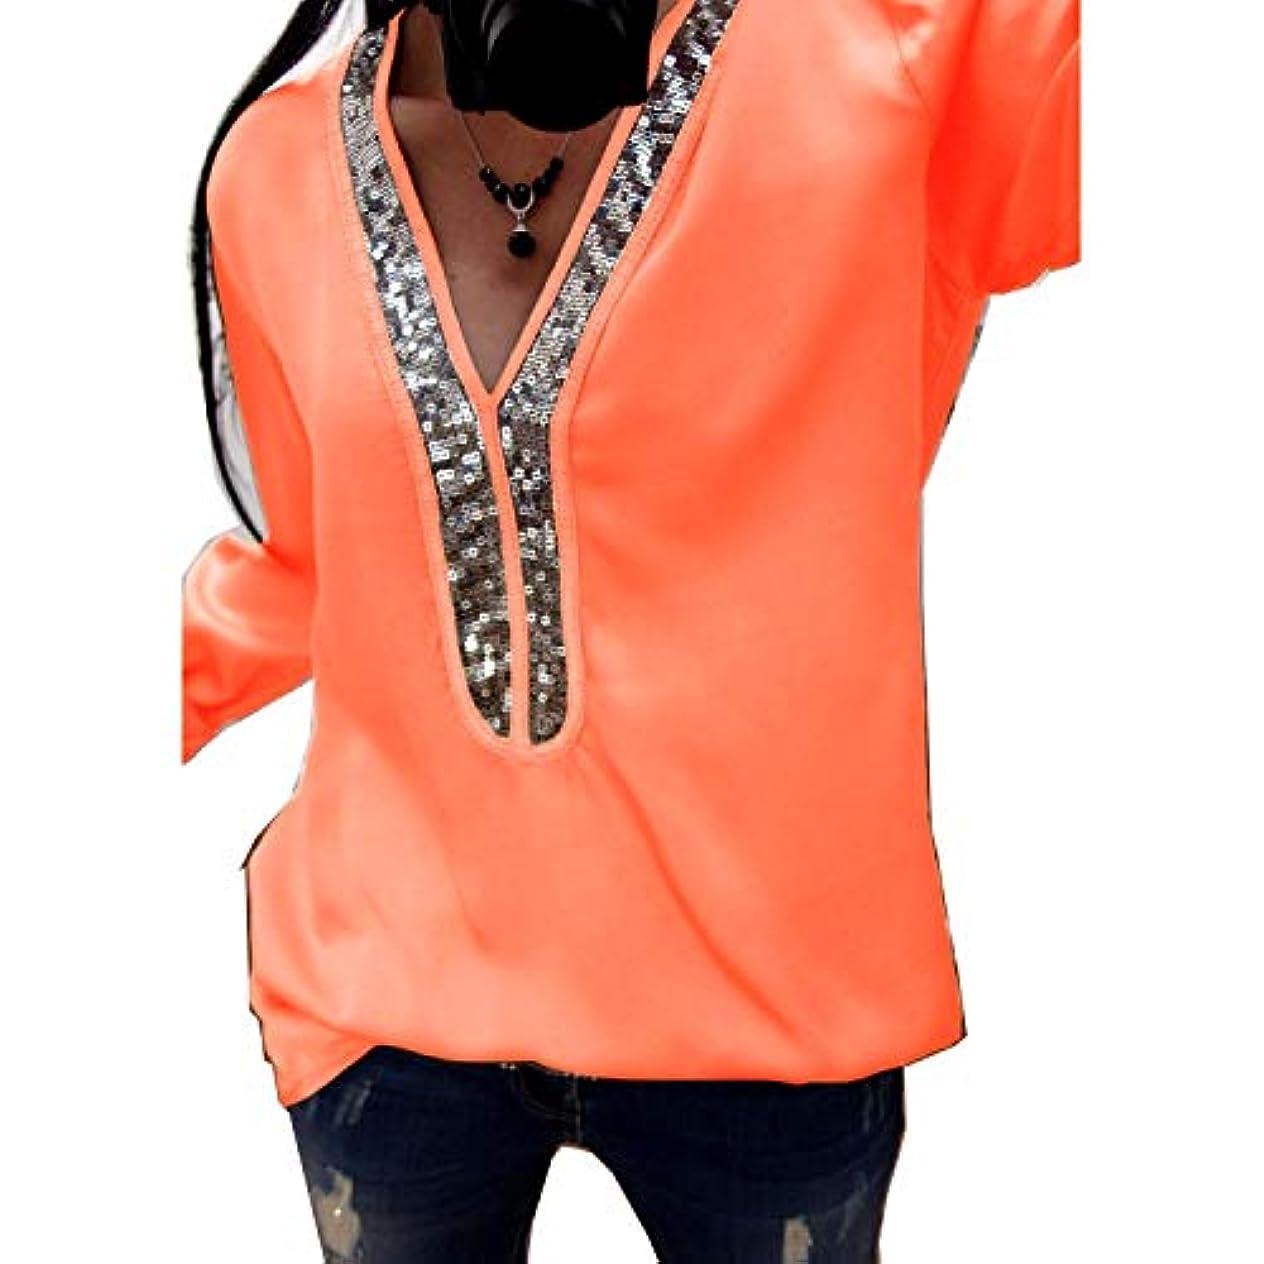 シャトルショート読書をするMIFAN長袖シャツ、ゆったりしたTシャツ、カジュアルTシャツ、コットンシャツ、女性トップ、プラスサイズトップ、夏シャツ